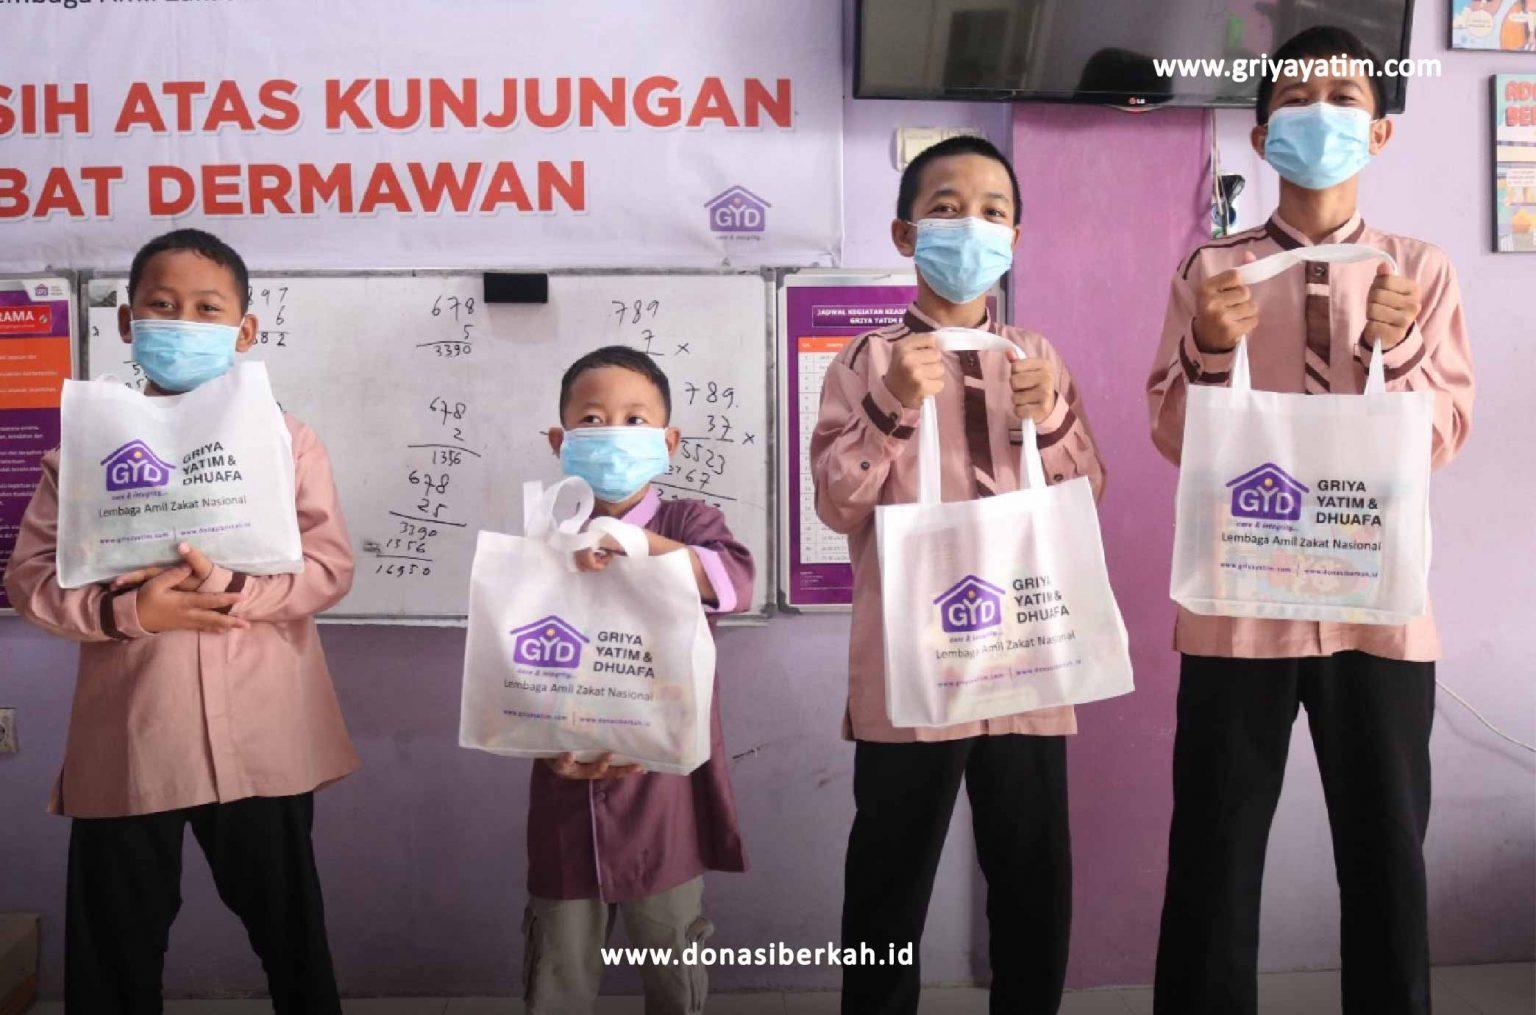 penyaluran-zakat-untuk-pendidikan-yatim-&-dhuafa-08